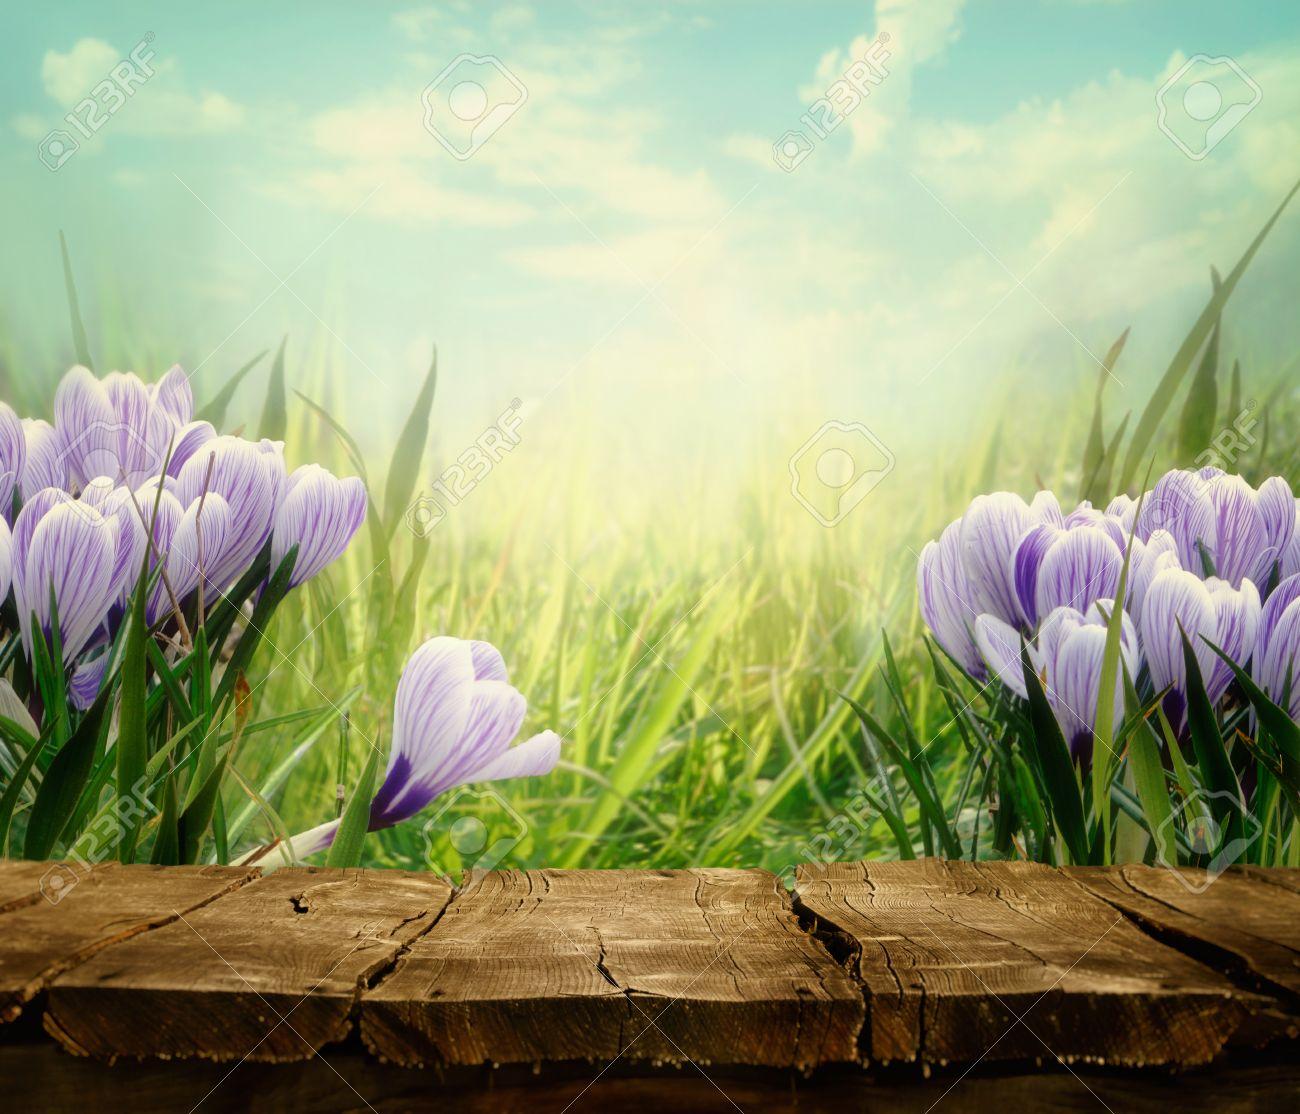 Immagini Stock Primavera Sfondo Primavera Tavolo Con Fiori